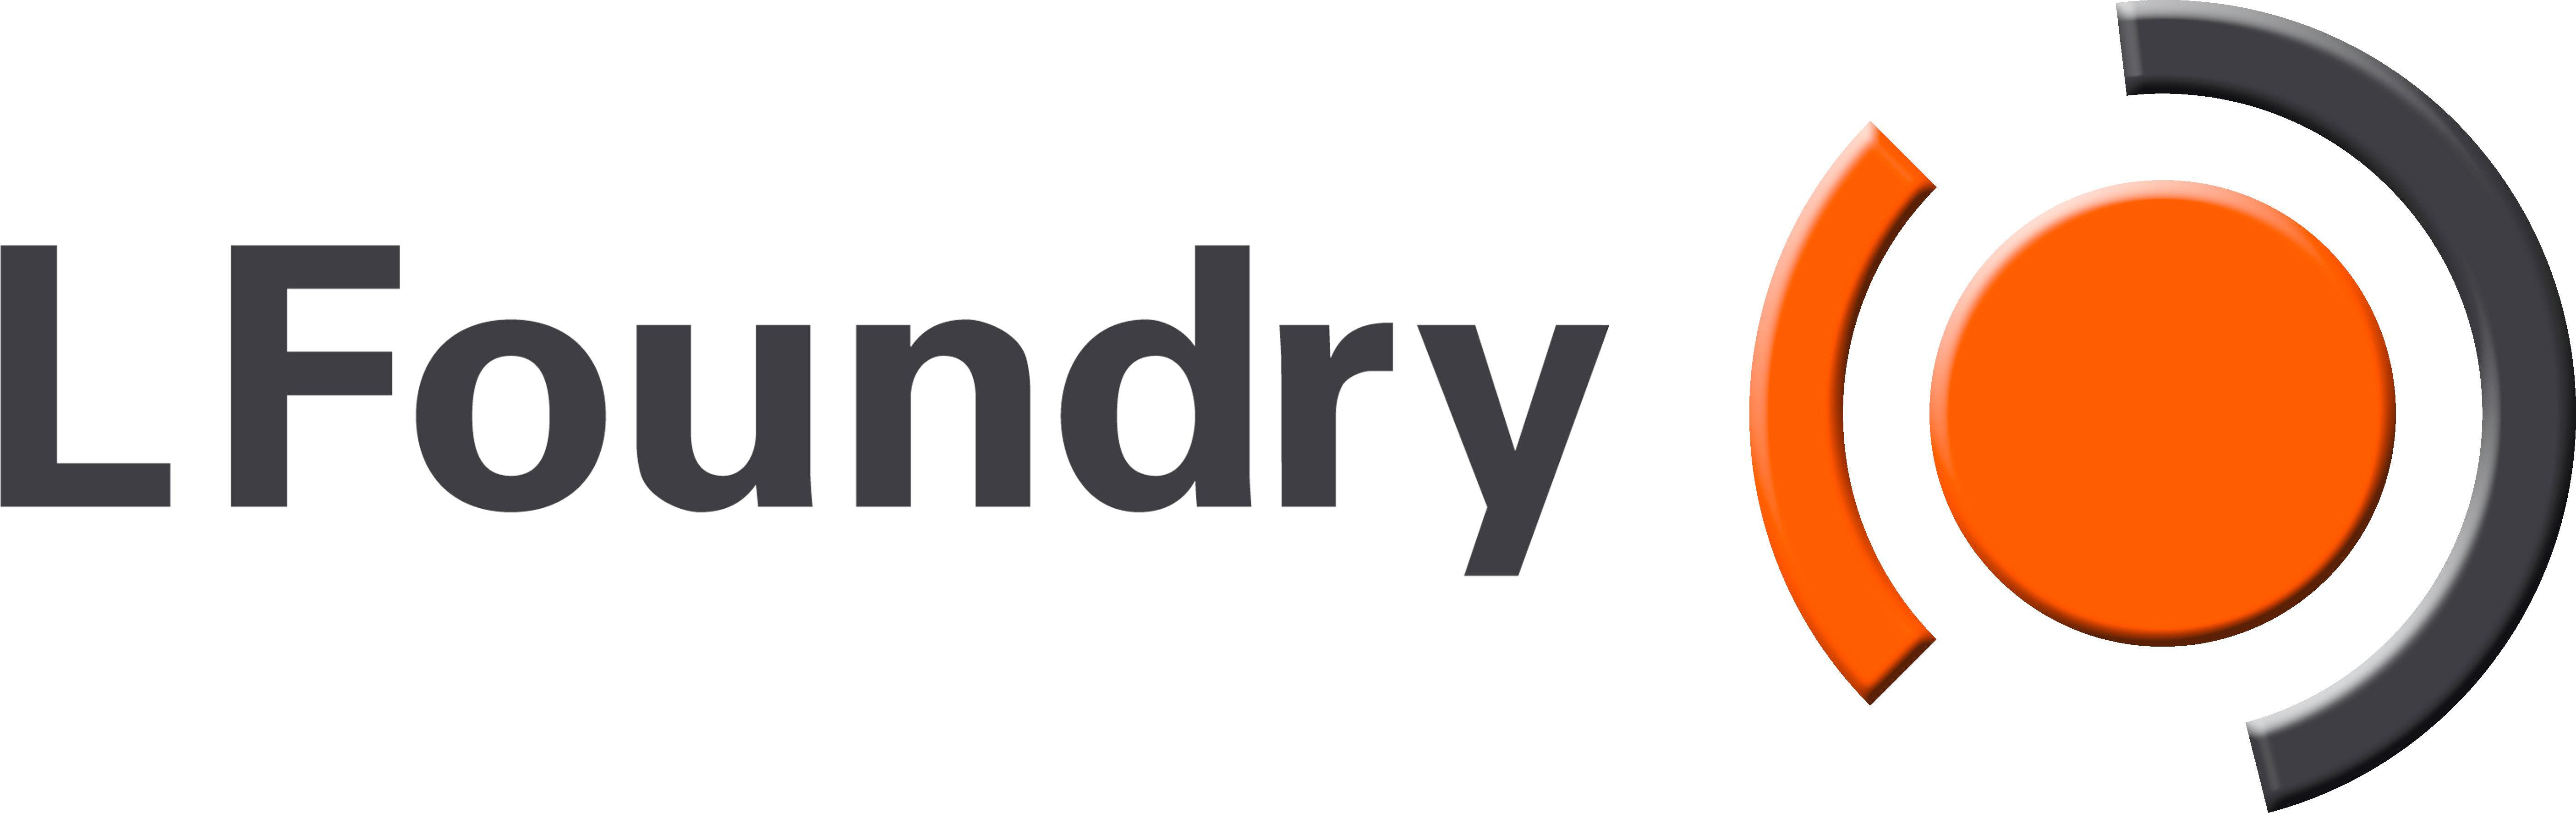 e1e0c7787a74c3 SMIC acquiert LFoundry et entre sur le marché mondial de l ...